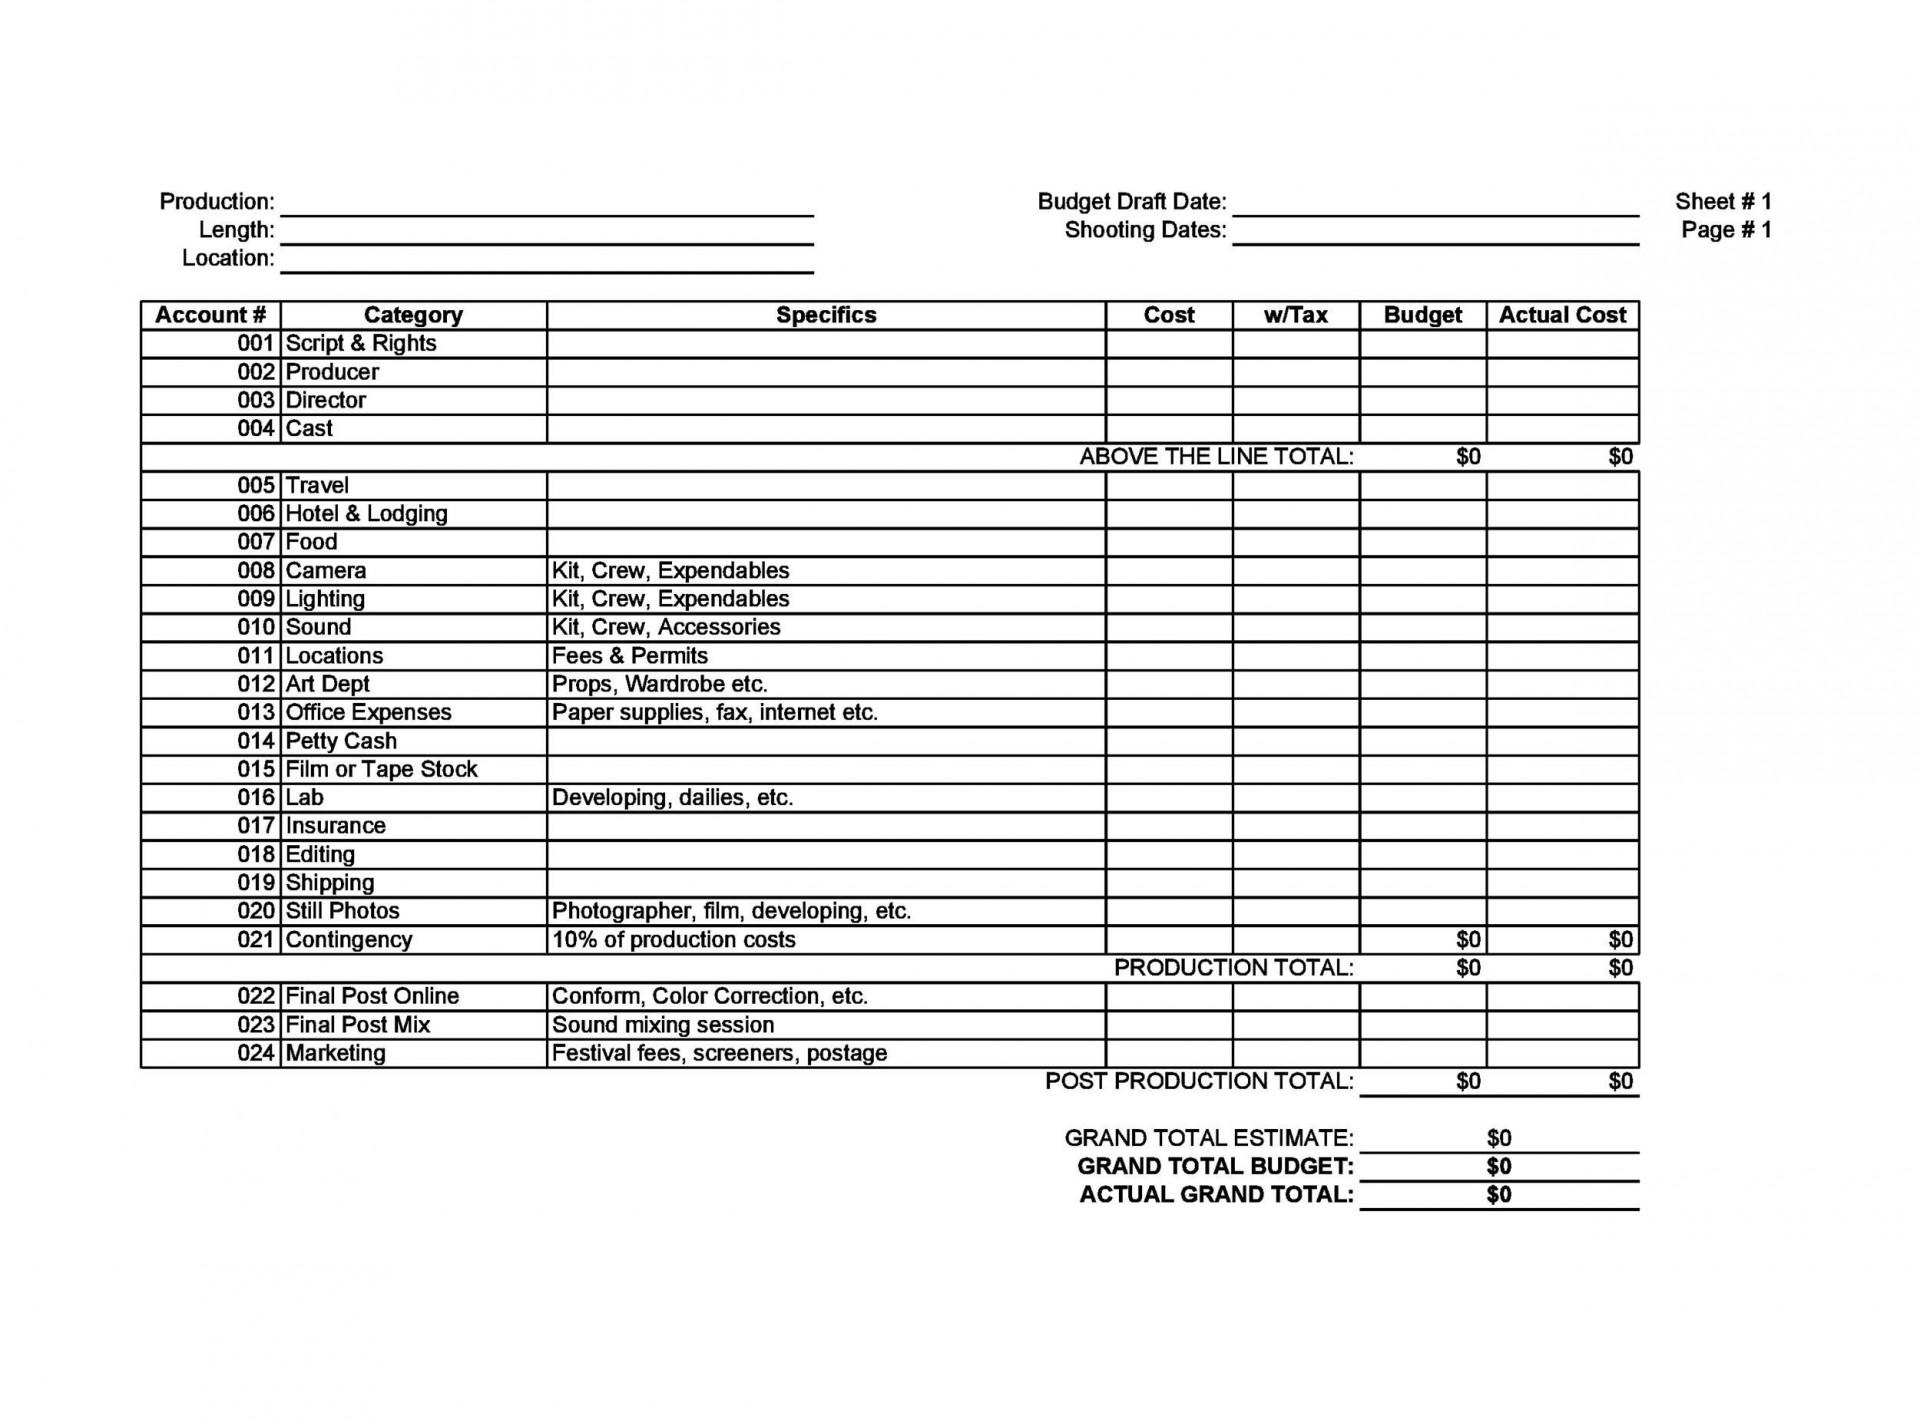 008 Breathtaking Sample Line Item Budget Format Inspiration 1920